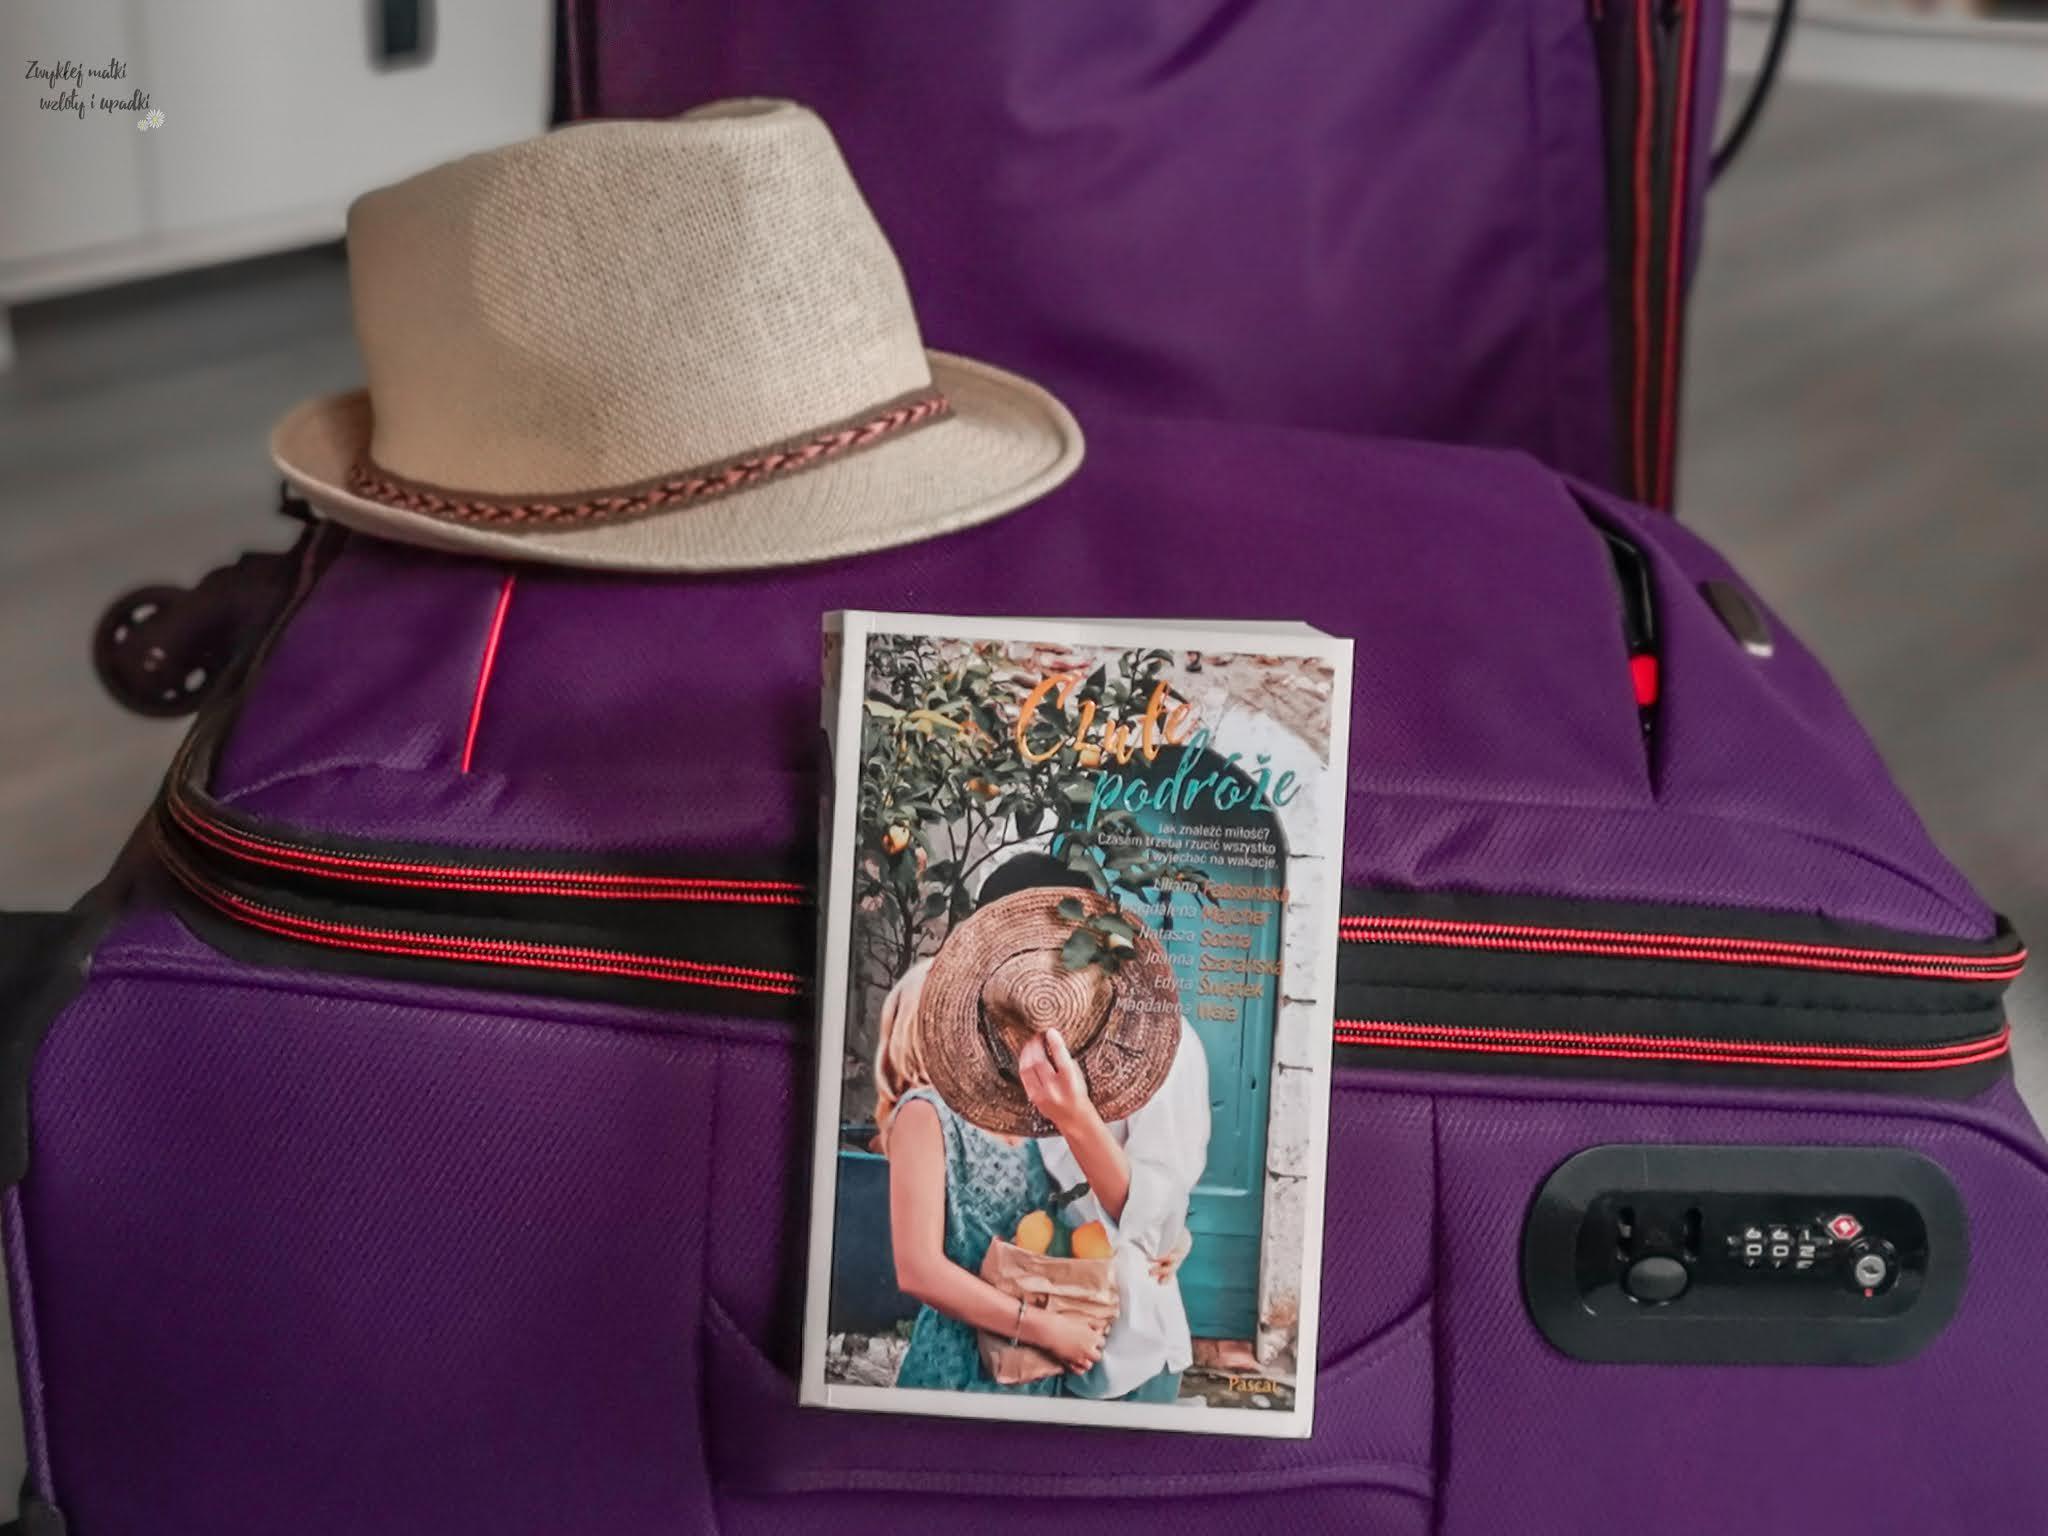 Czułe podróże, czyli lektura na wakacje